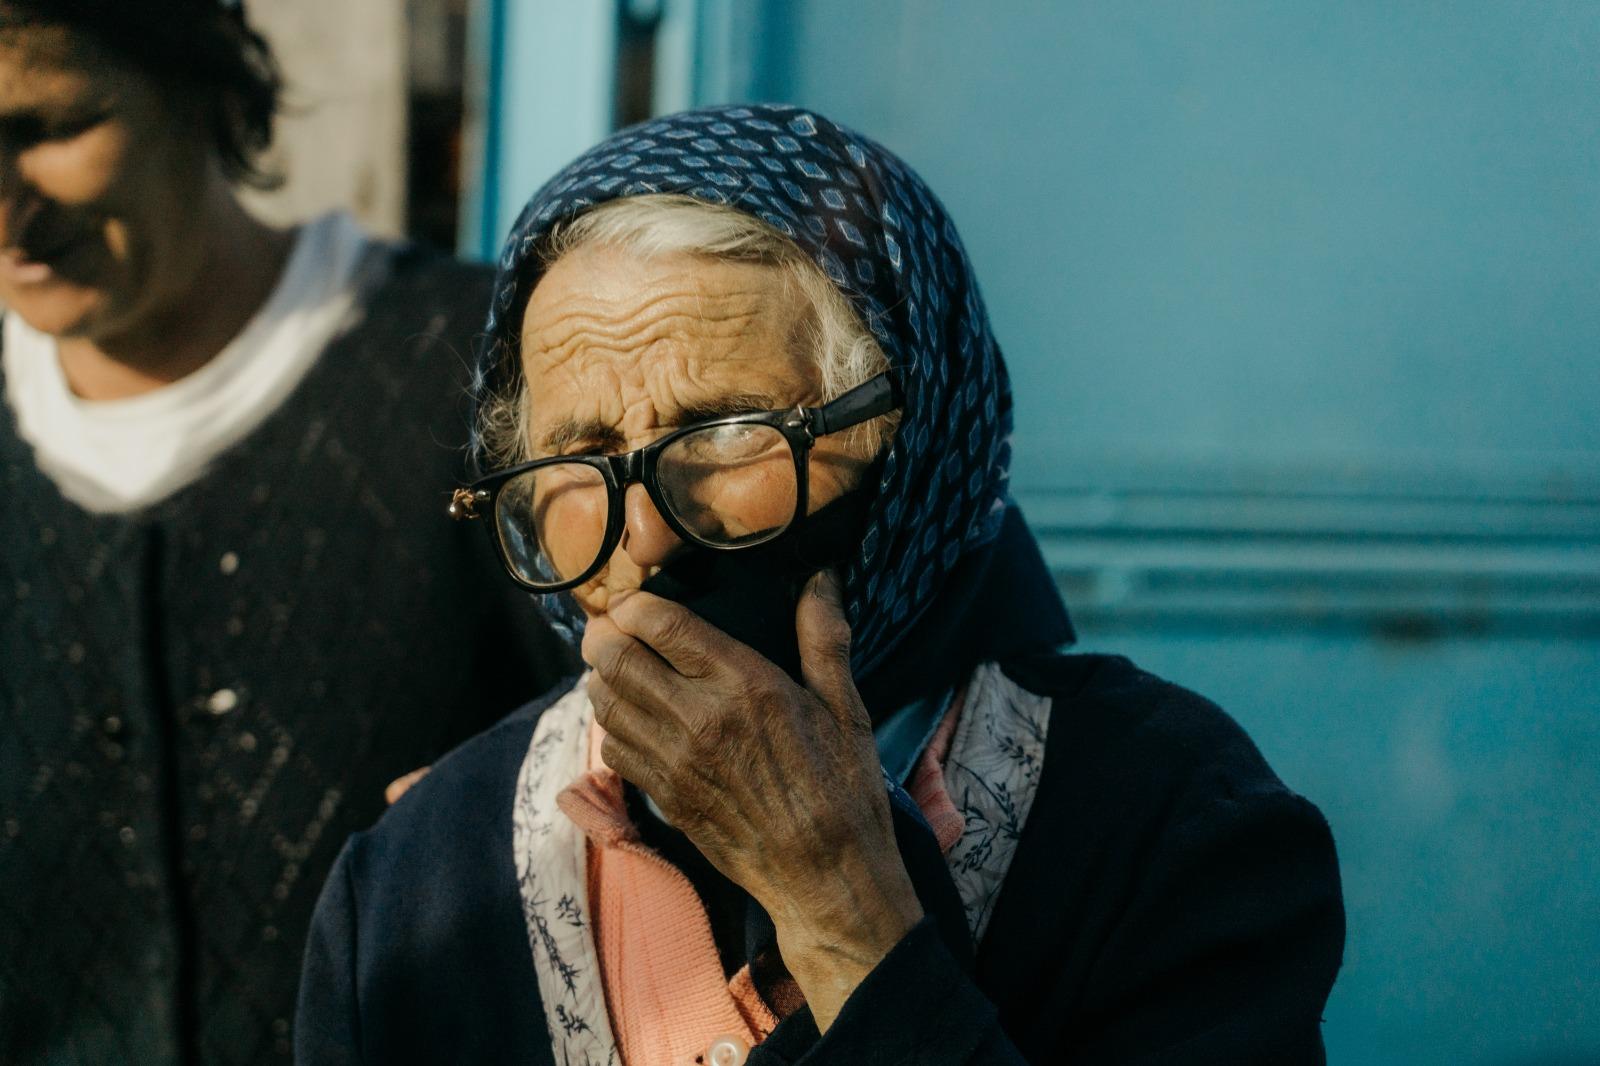 Bătrânii noștri nu sunt niciodată singuri